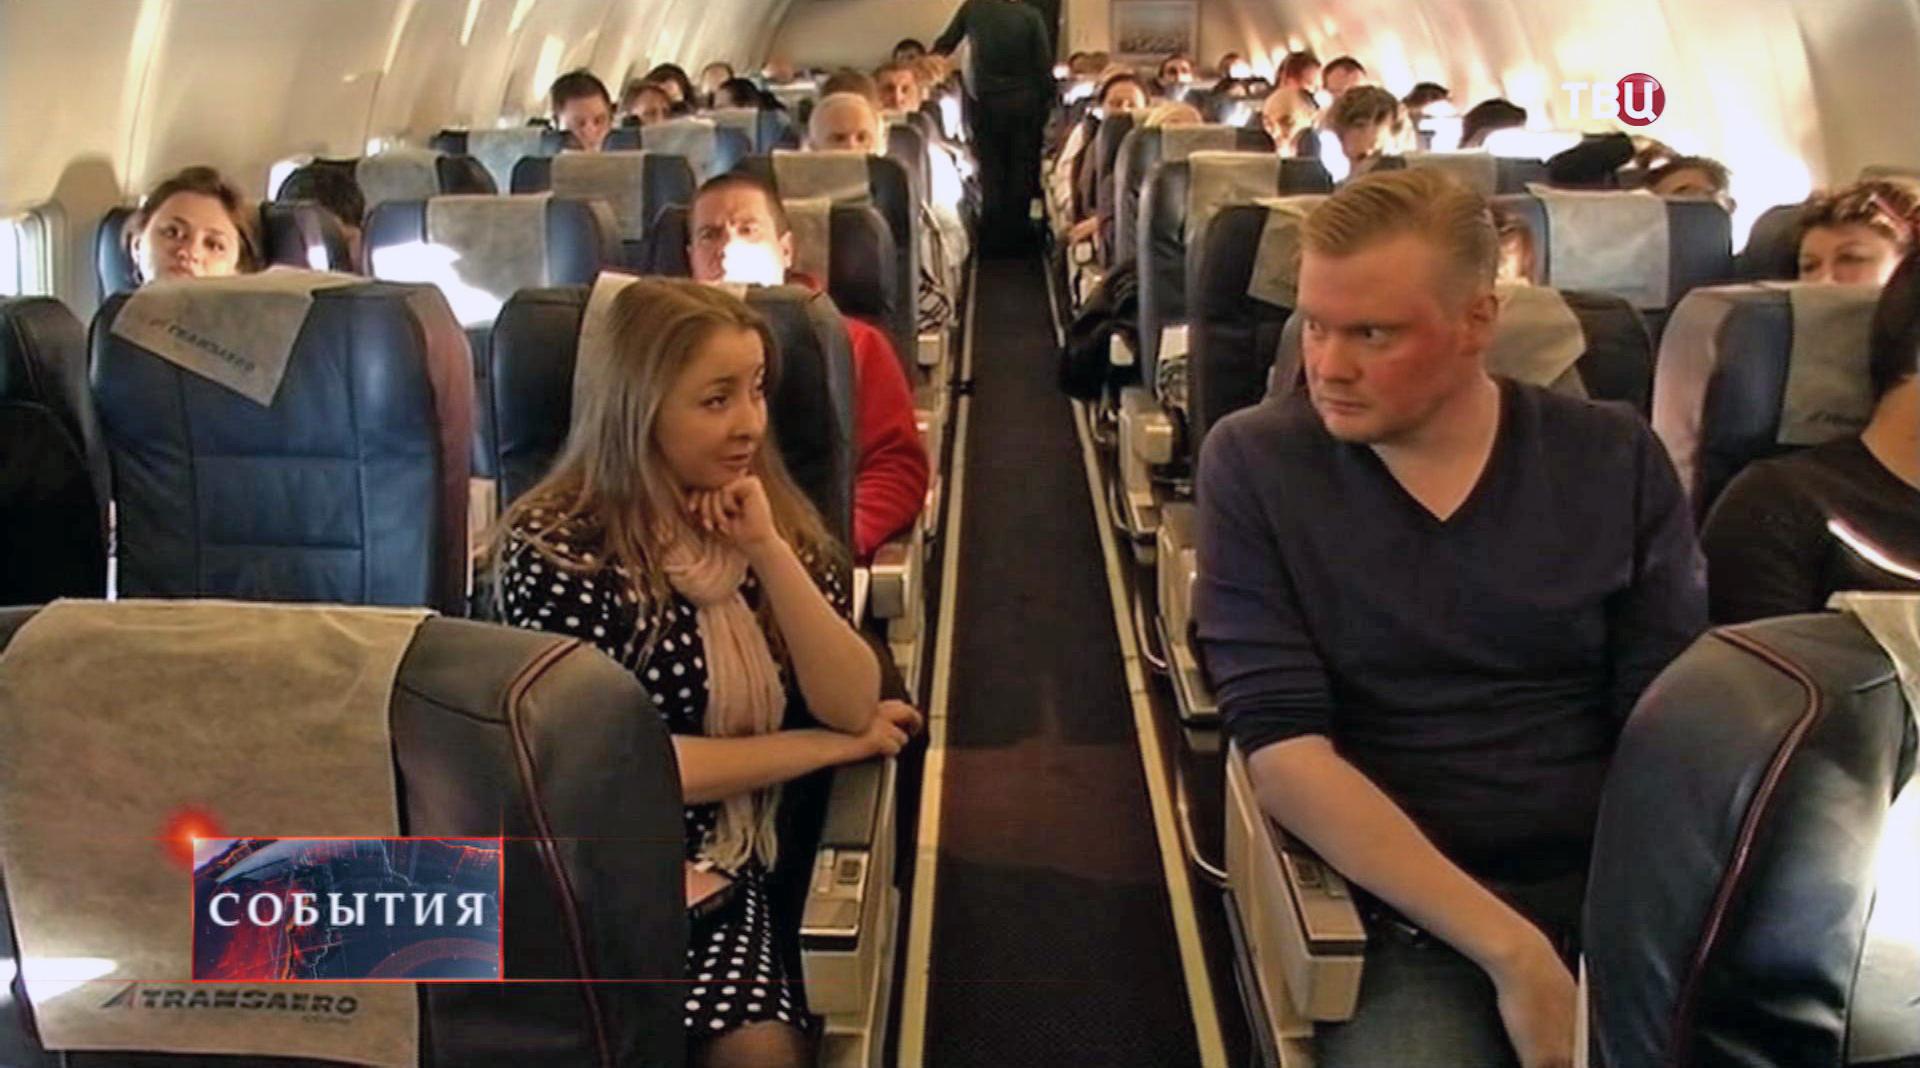 Пассажиры в самолете